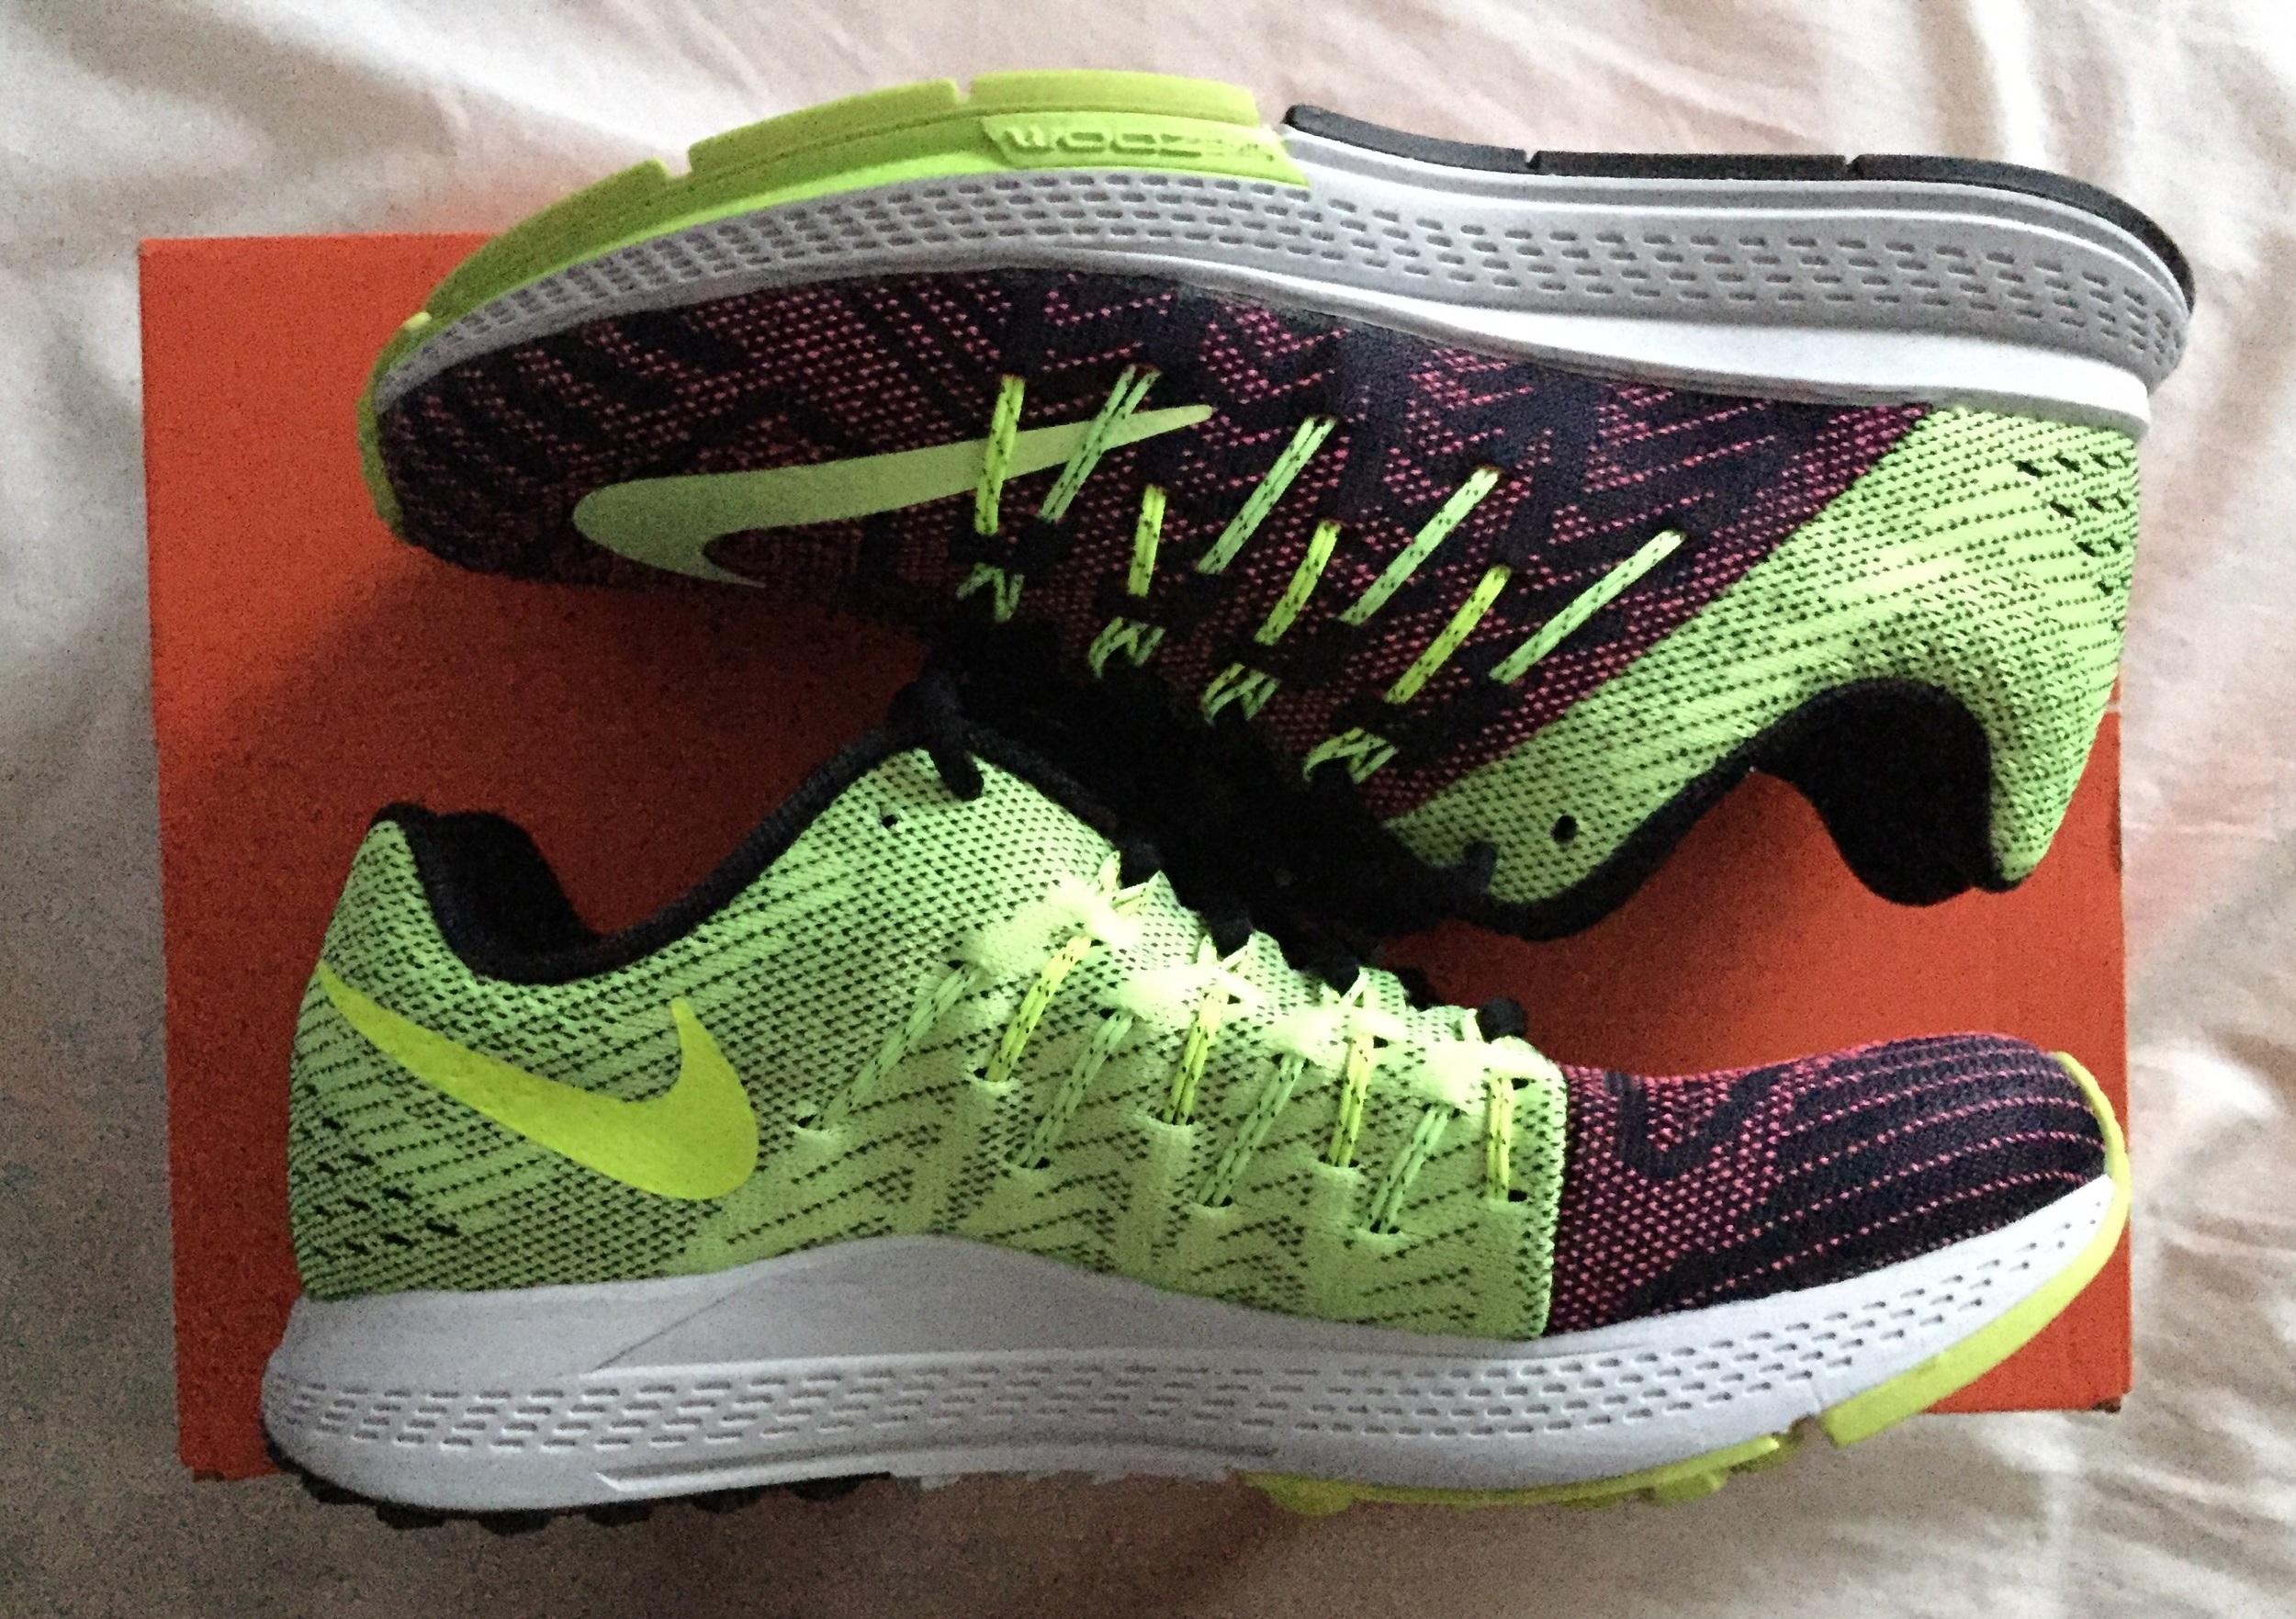 Nike Zoom Elite 8: Favorite TRainer